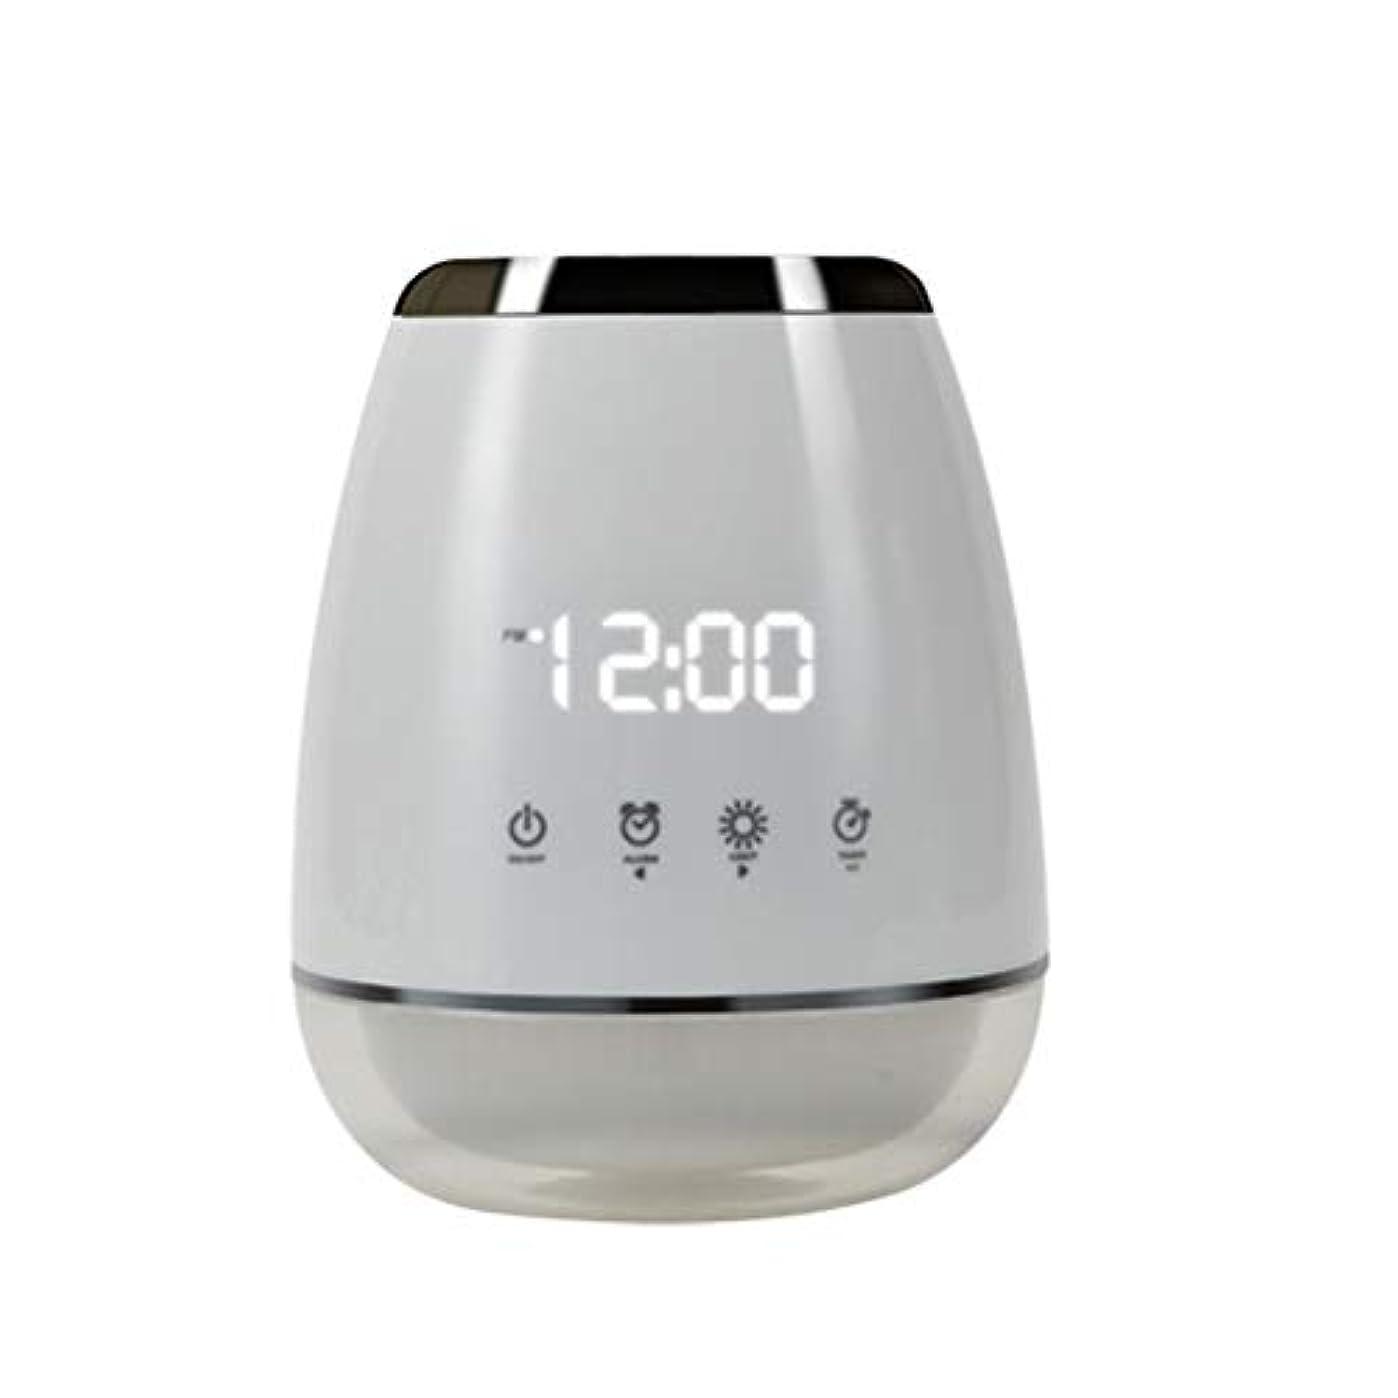 山に対応ランクエッセンシャルオイル アロマディフューザー 空気加湿器 アロマセラップ LED 超音波 クールミスト フォガー 加湿器 ディフューザー スプレー 家庭用 USプラグ付き ホワイト